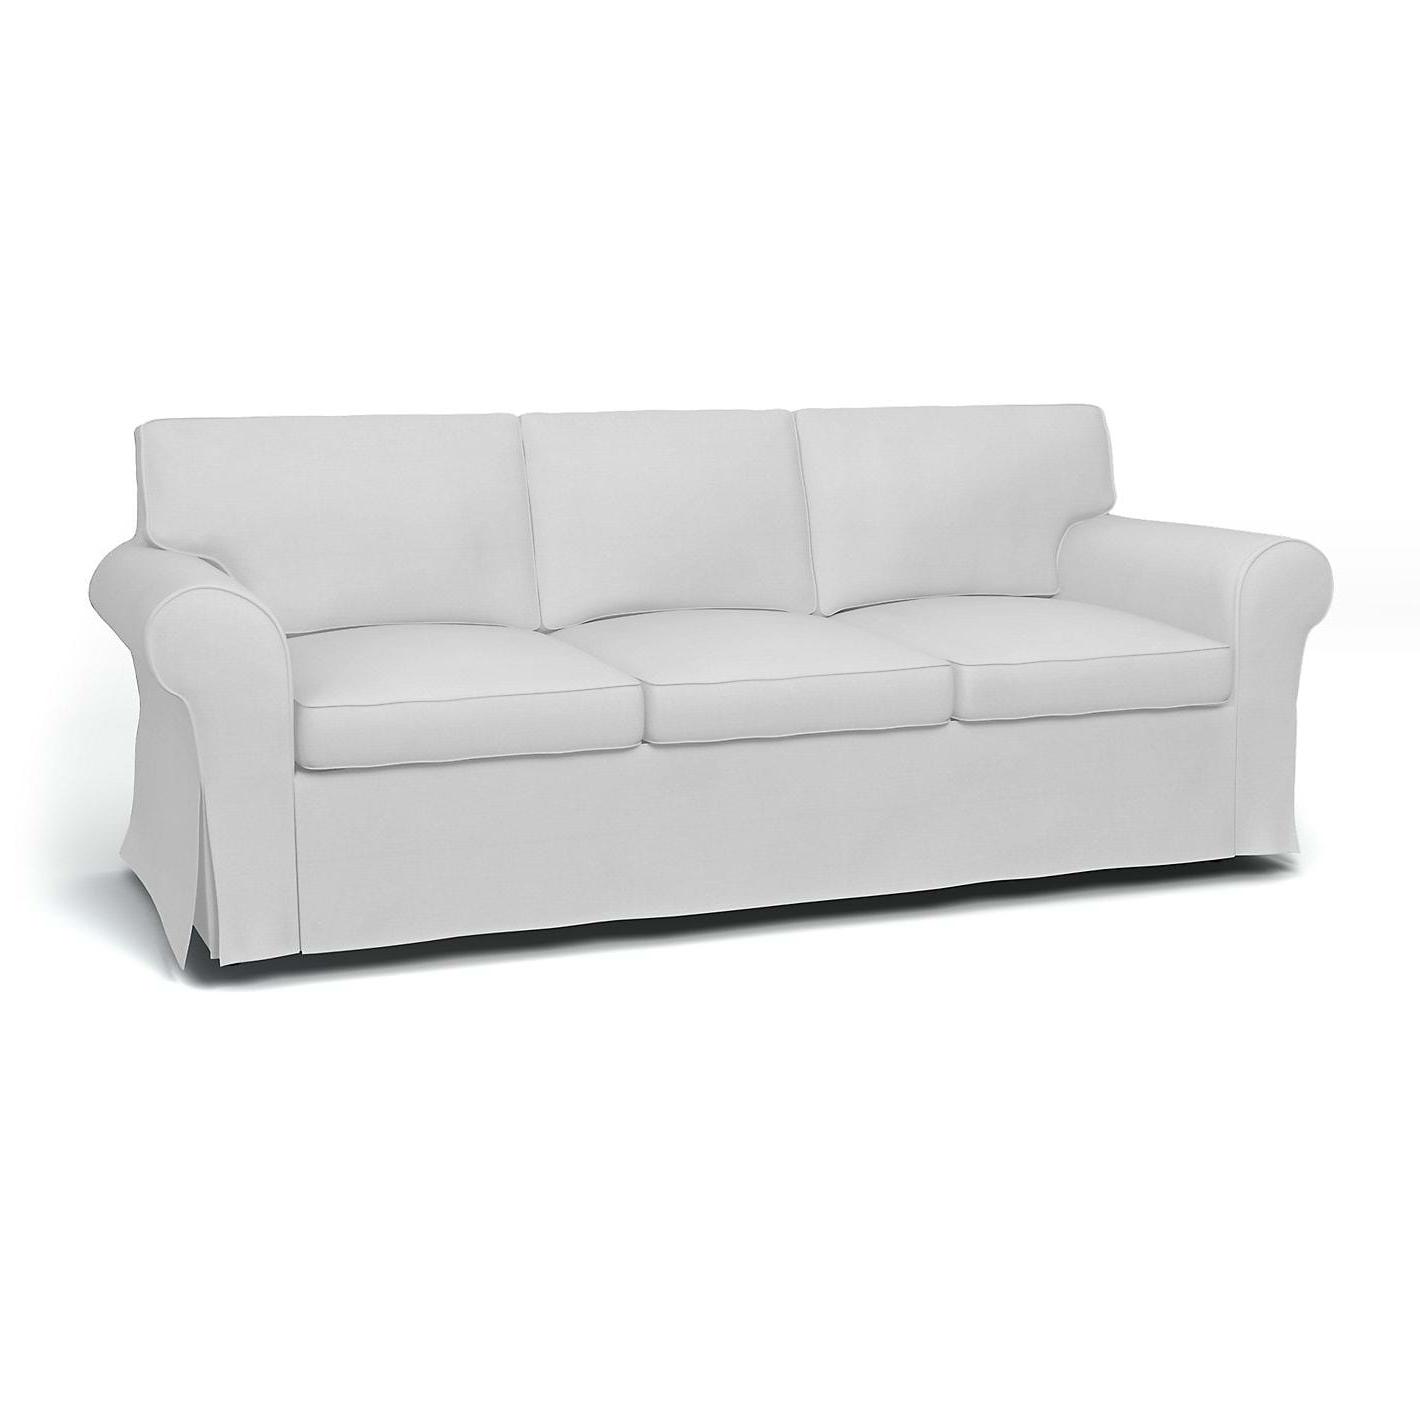 Sofas Modulares Ikea H9d9 sofabezà Ge Fà R Ikea Couches Bemz